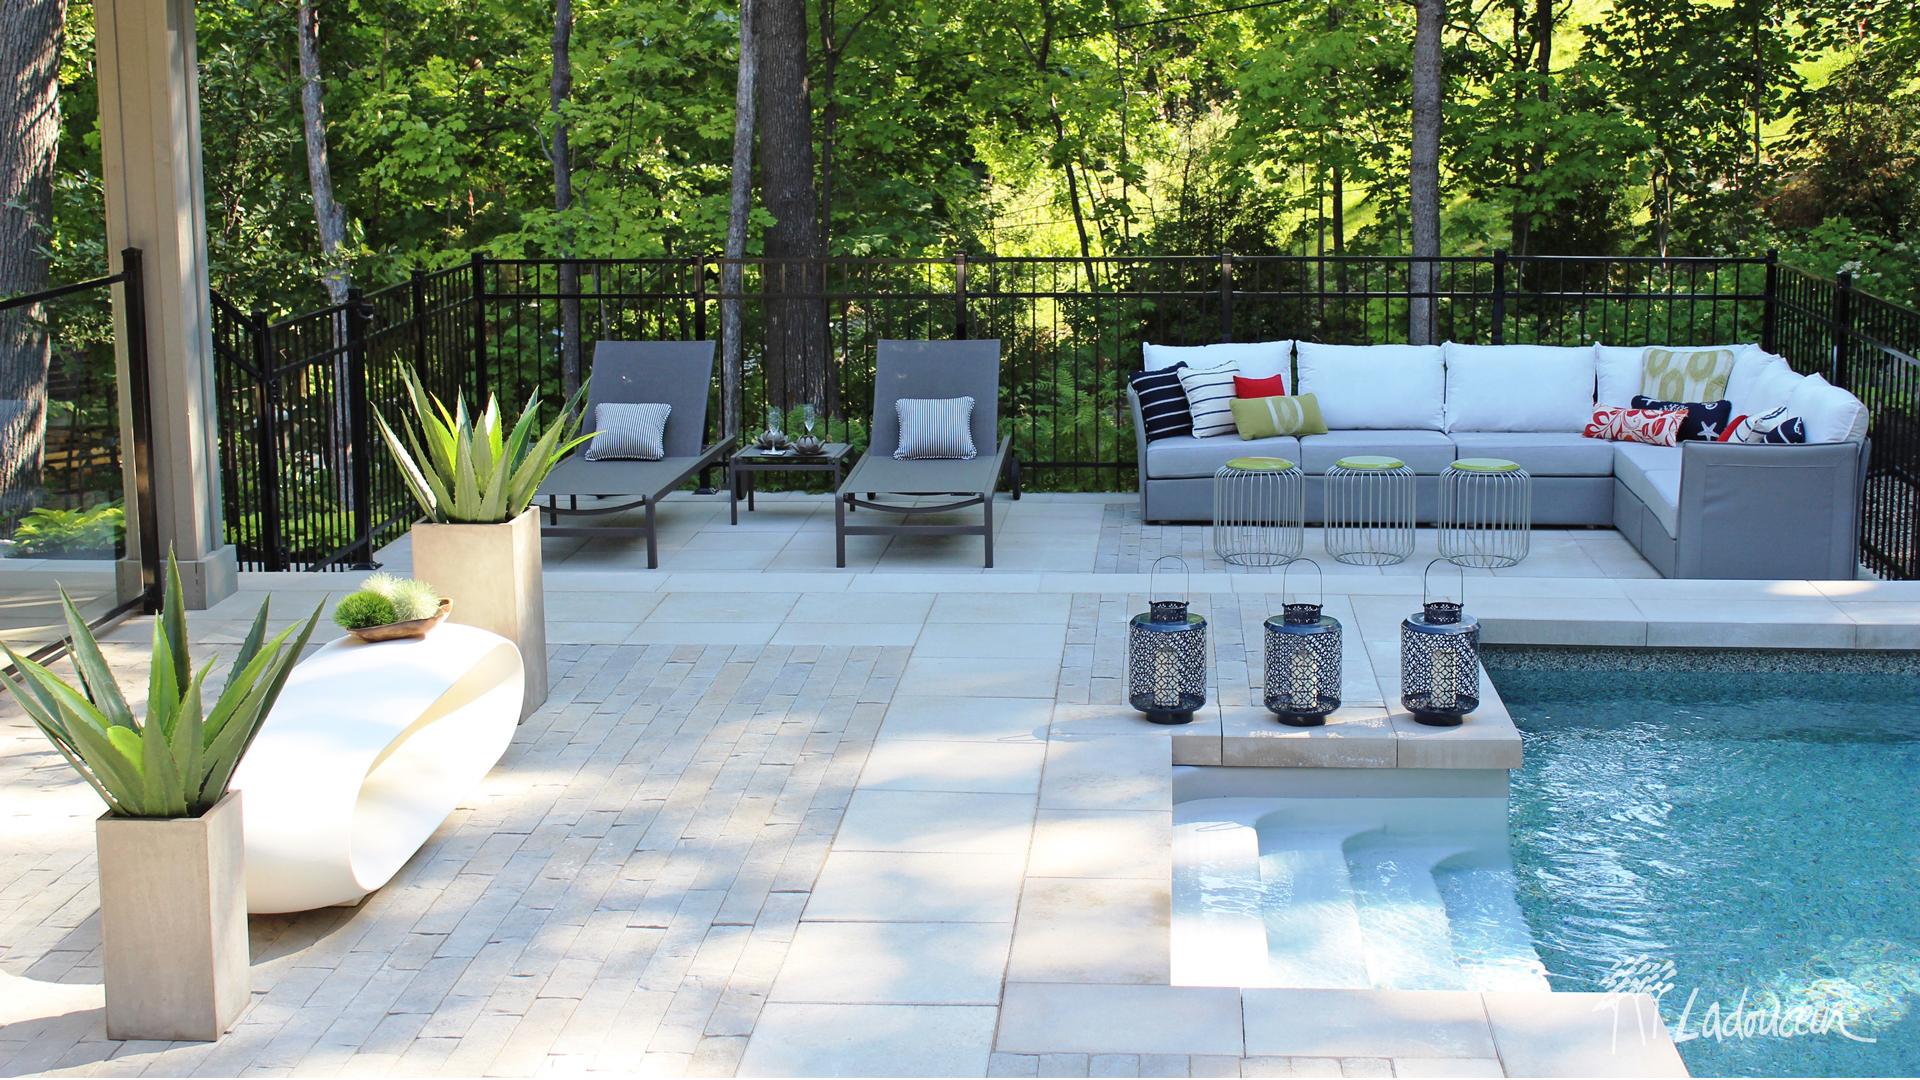 Lounge au bord de la piscine aménagement design extérieur pavé béton Ladouceur